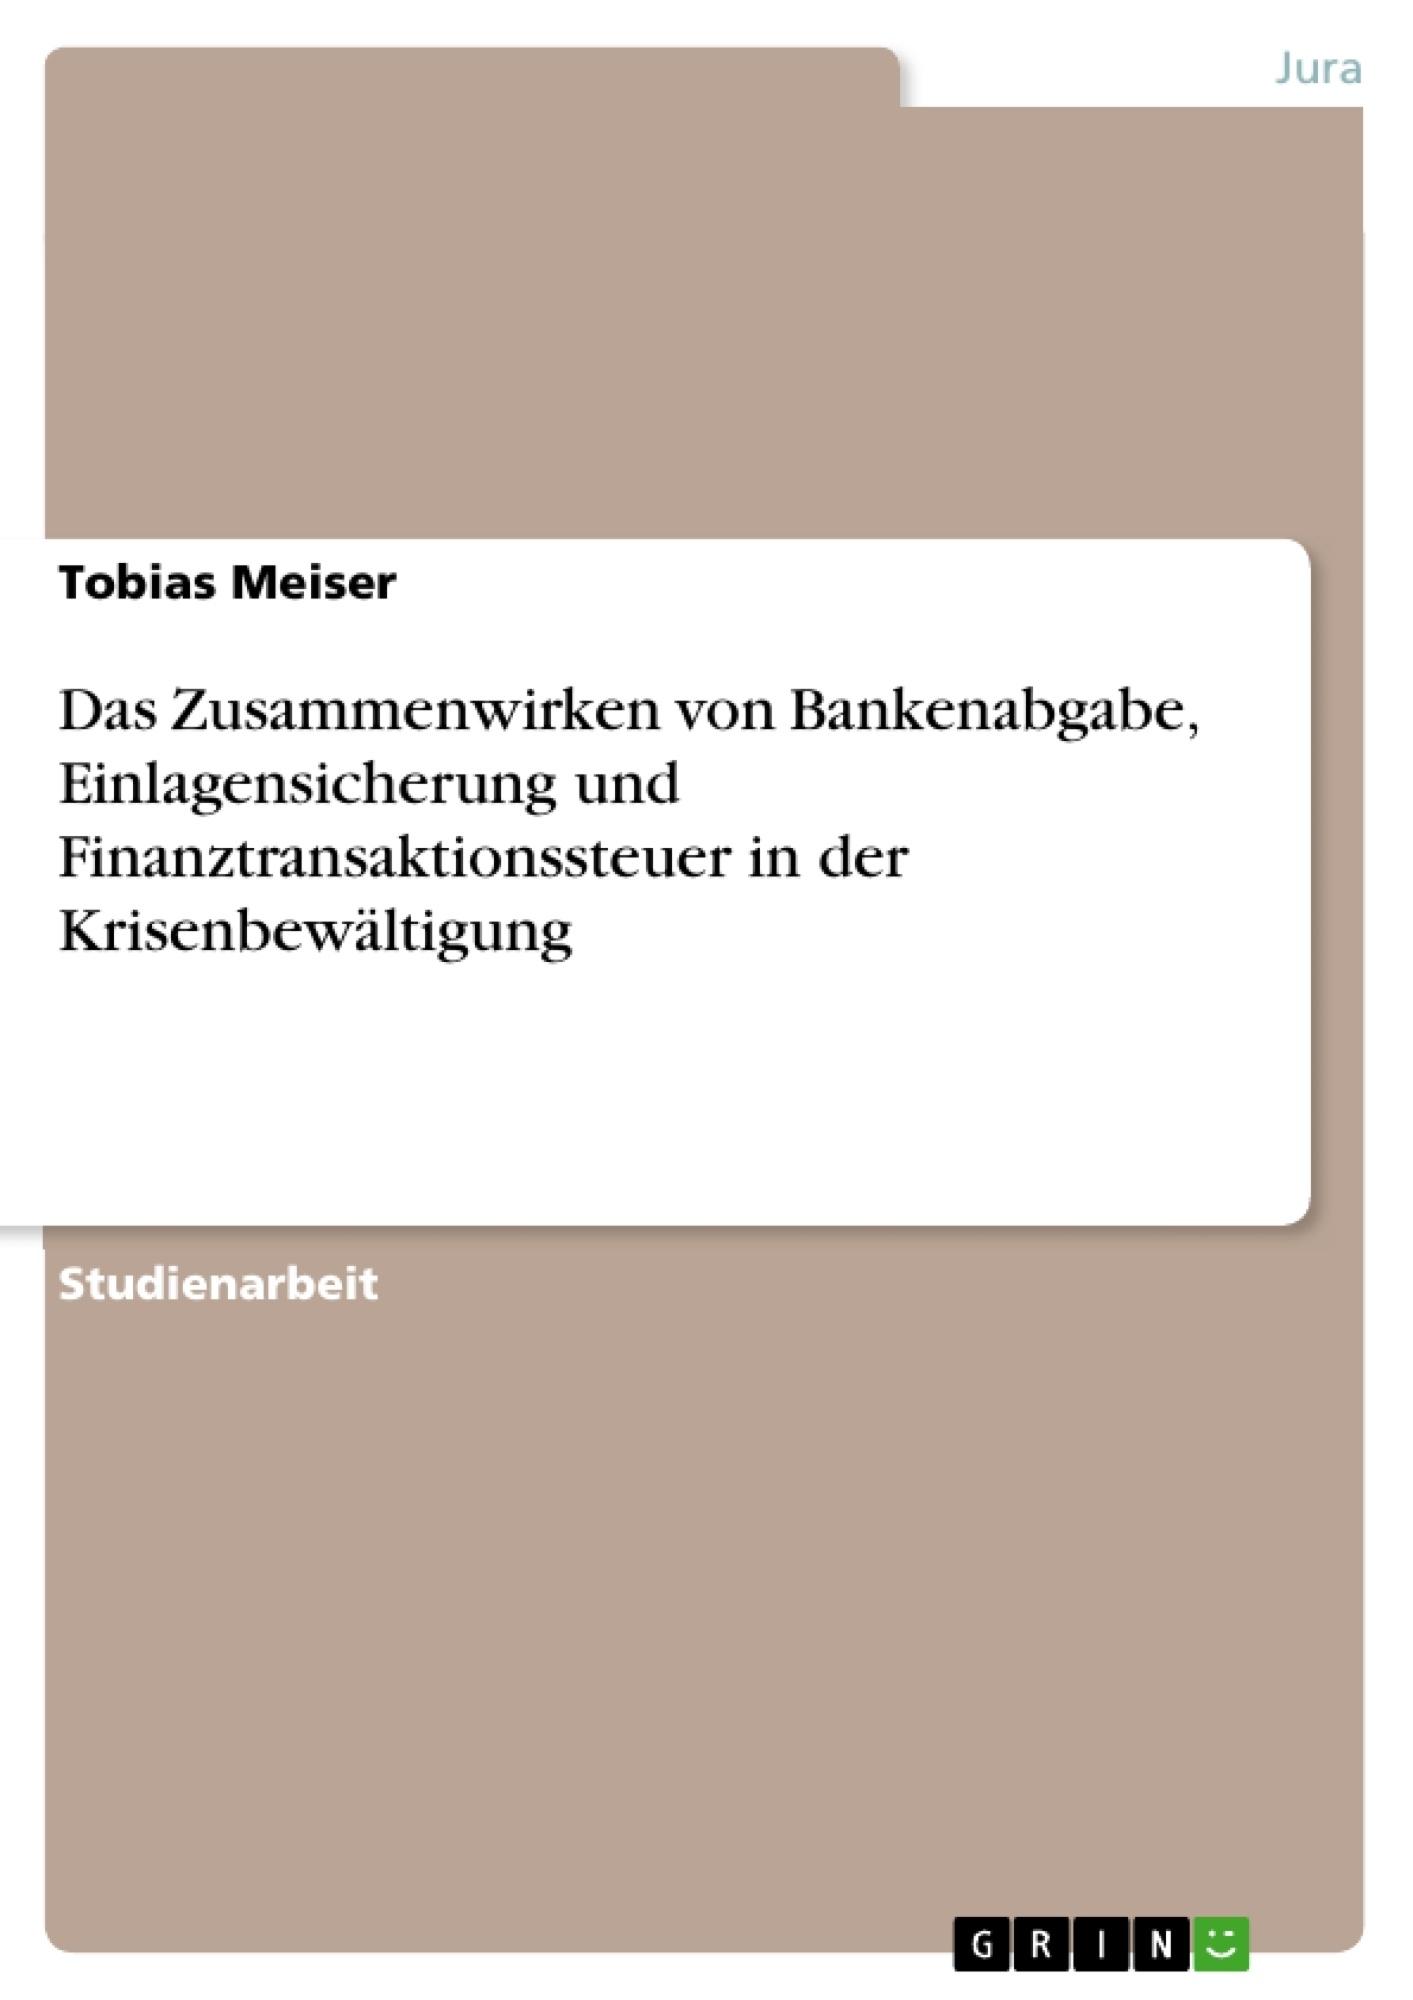 Titel: Das Zusammenwirken von Bankenabgabe, Einlagensicherung und Finanztransaktionssteuer in der Krisenbewältigung